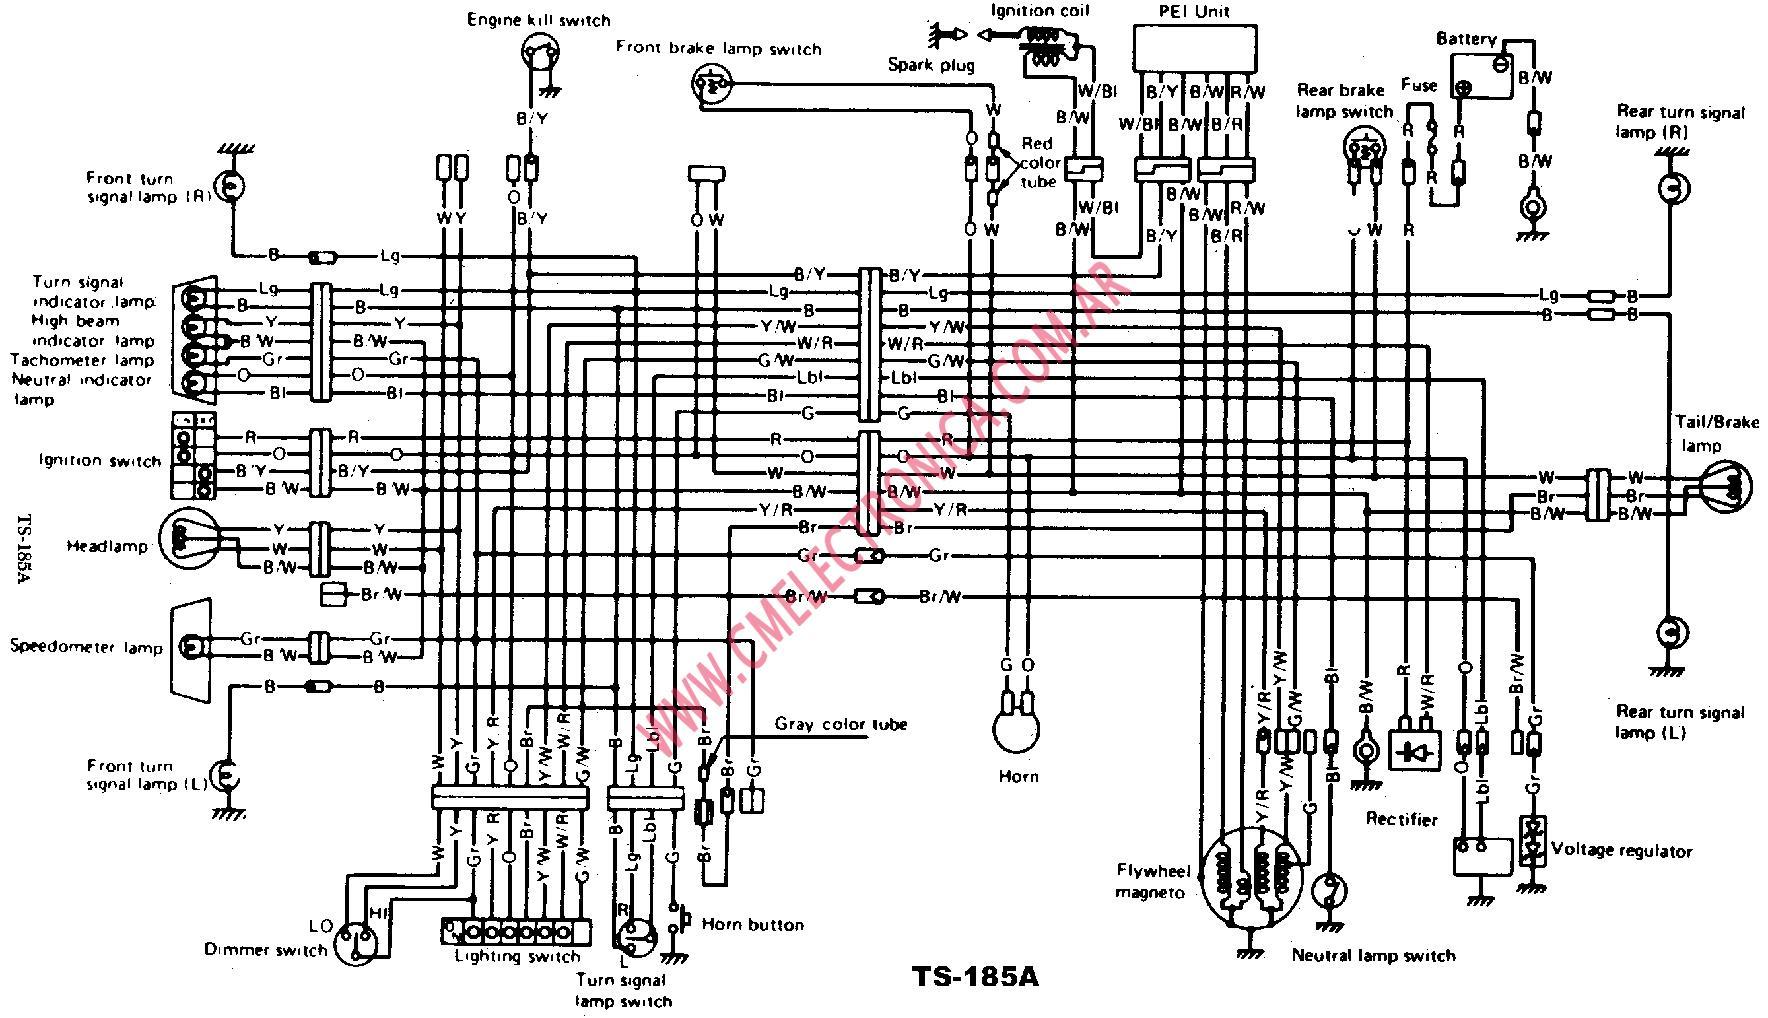 2001 suzuki drz 400 wiring diagram